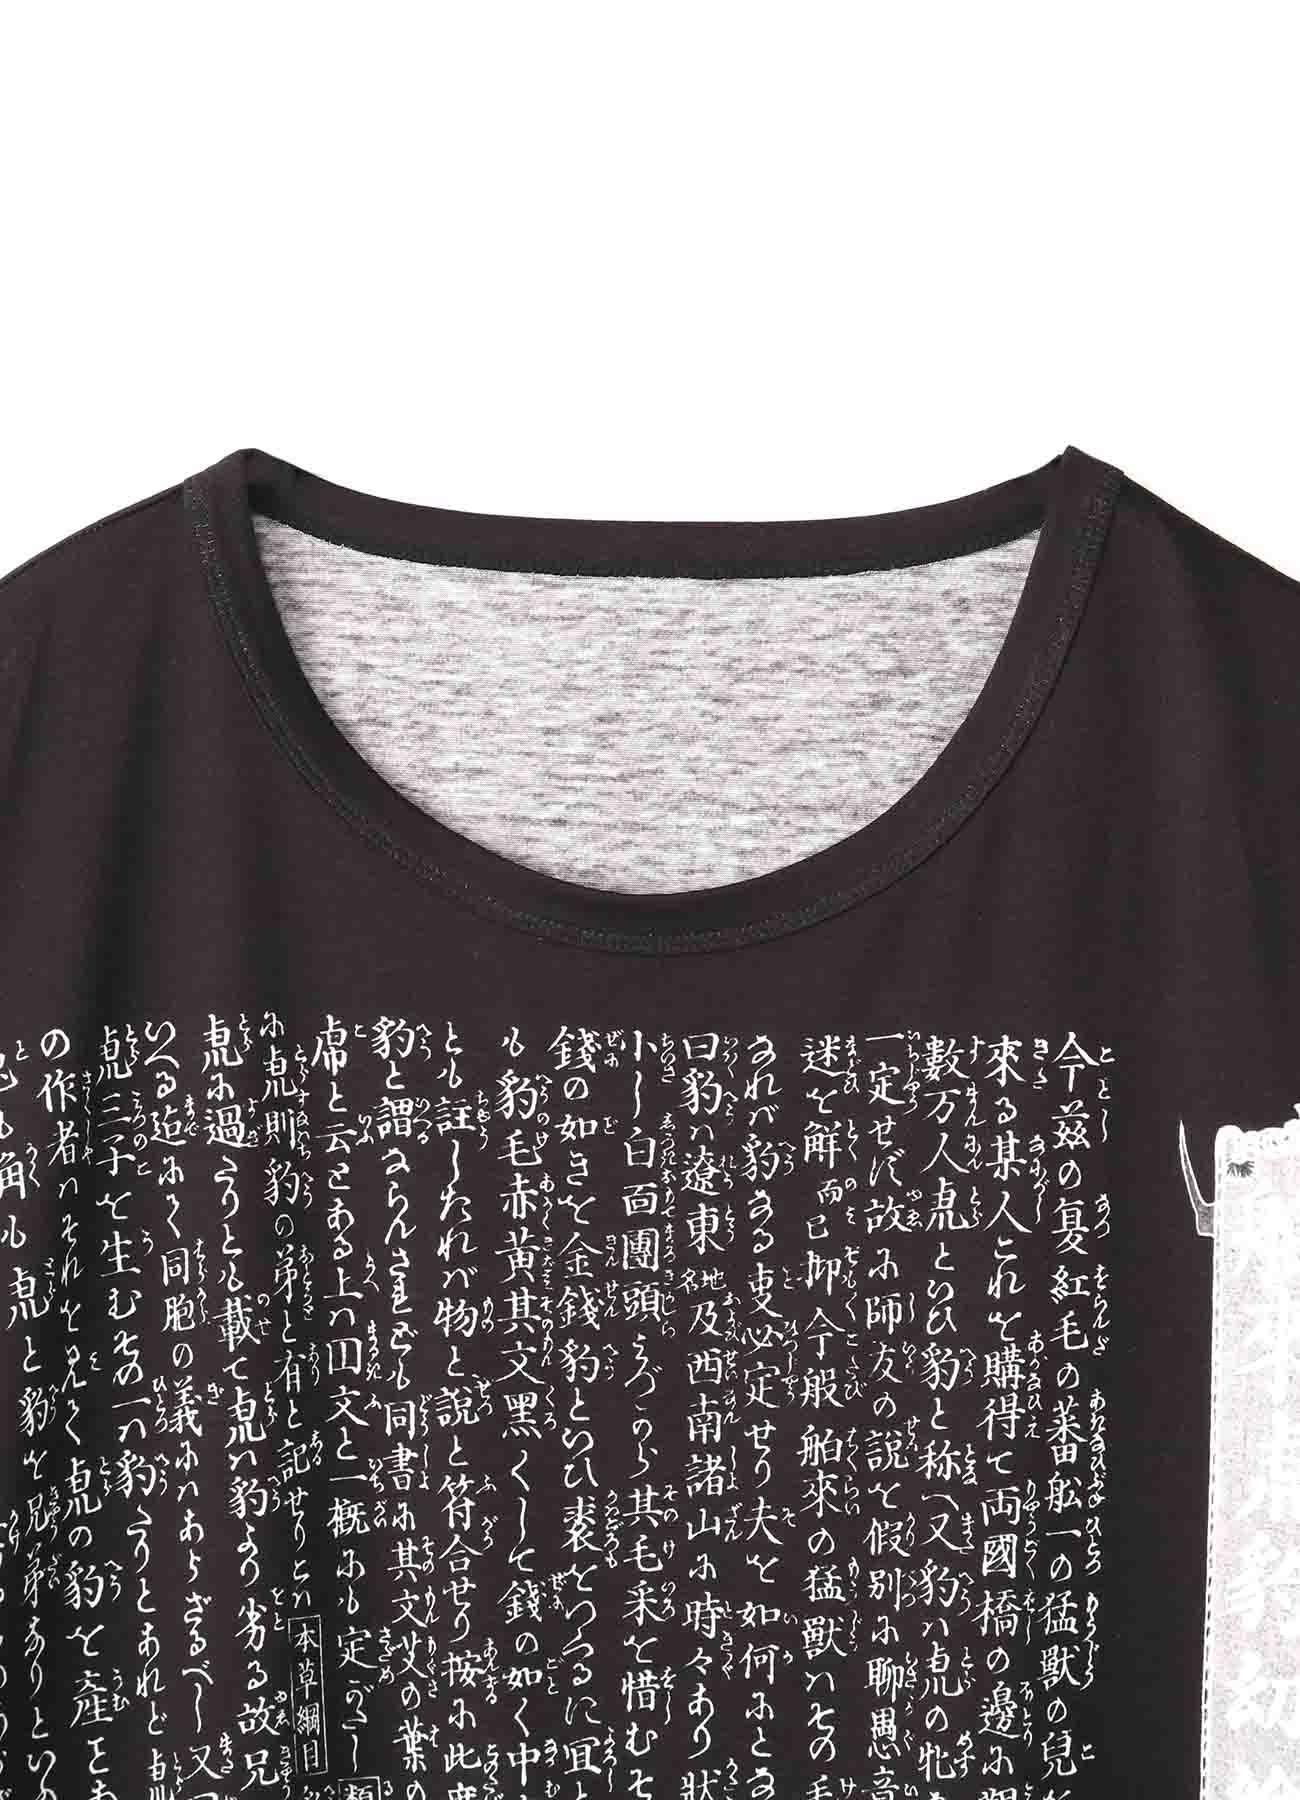 河鍋暁斎「舶来虎豹幼絵説」 Jumbo Cut Sew